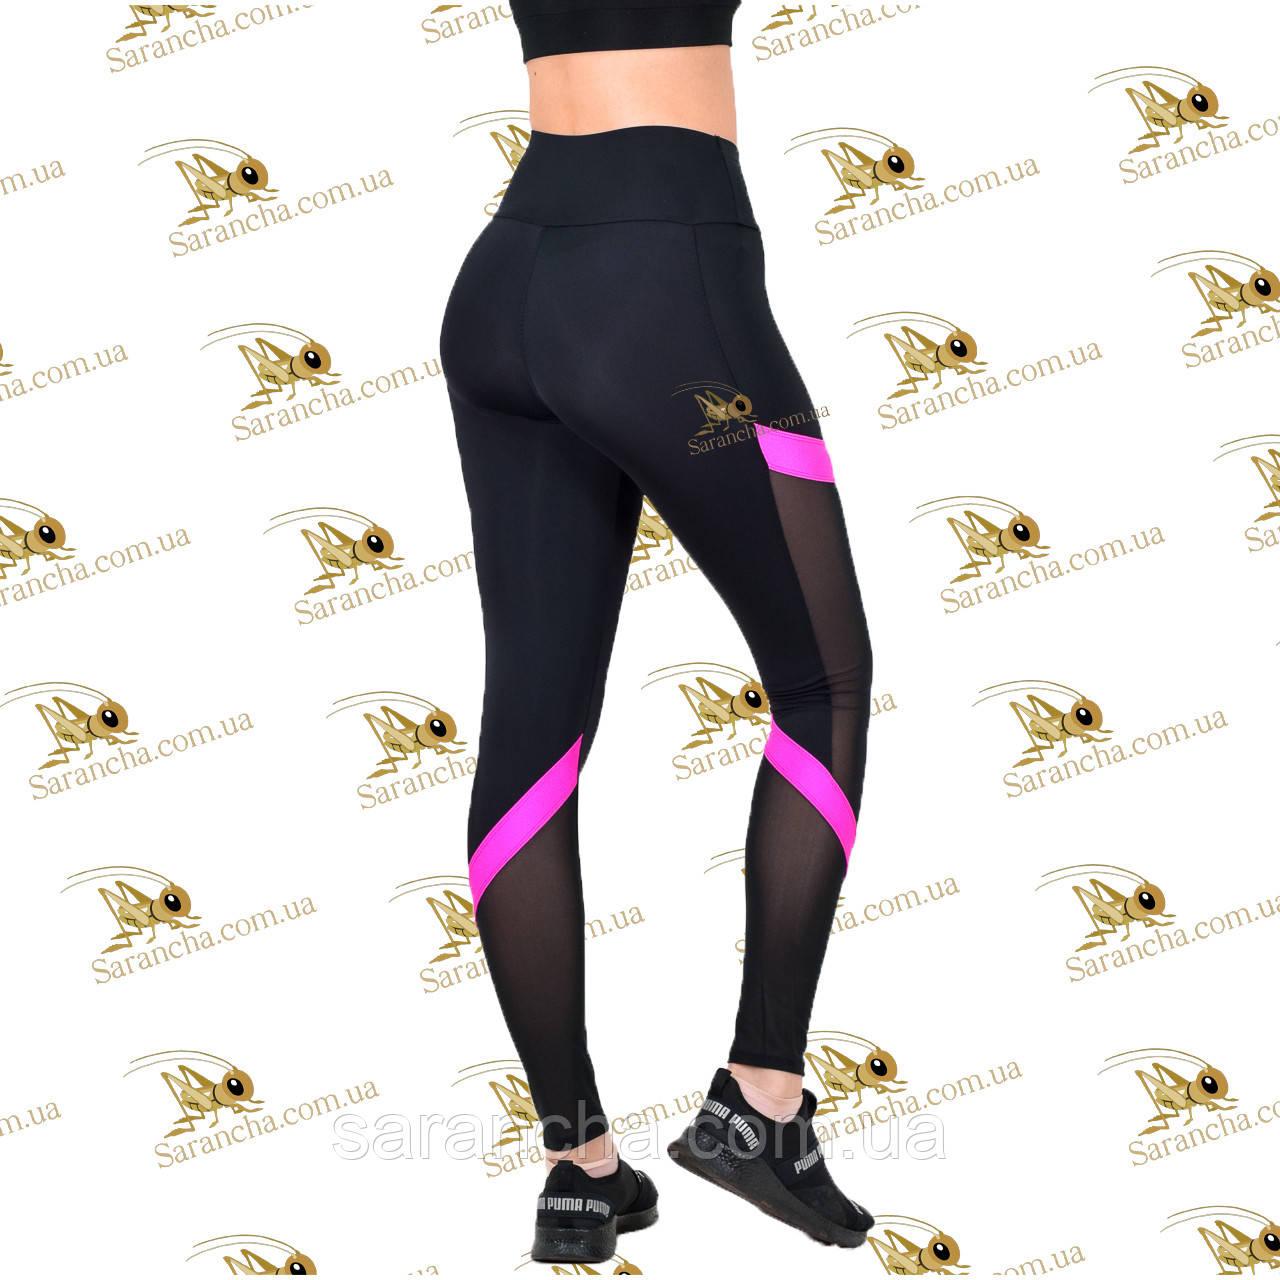 Cпортивные женские черные лосины с ярко-розовыми вставками сетки